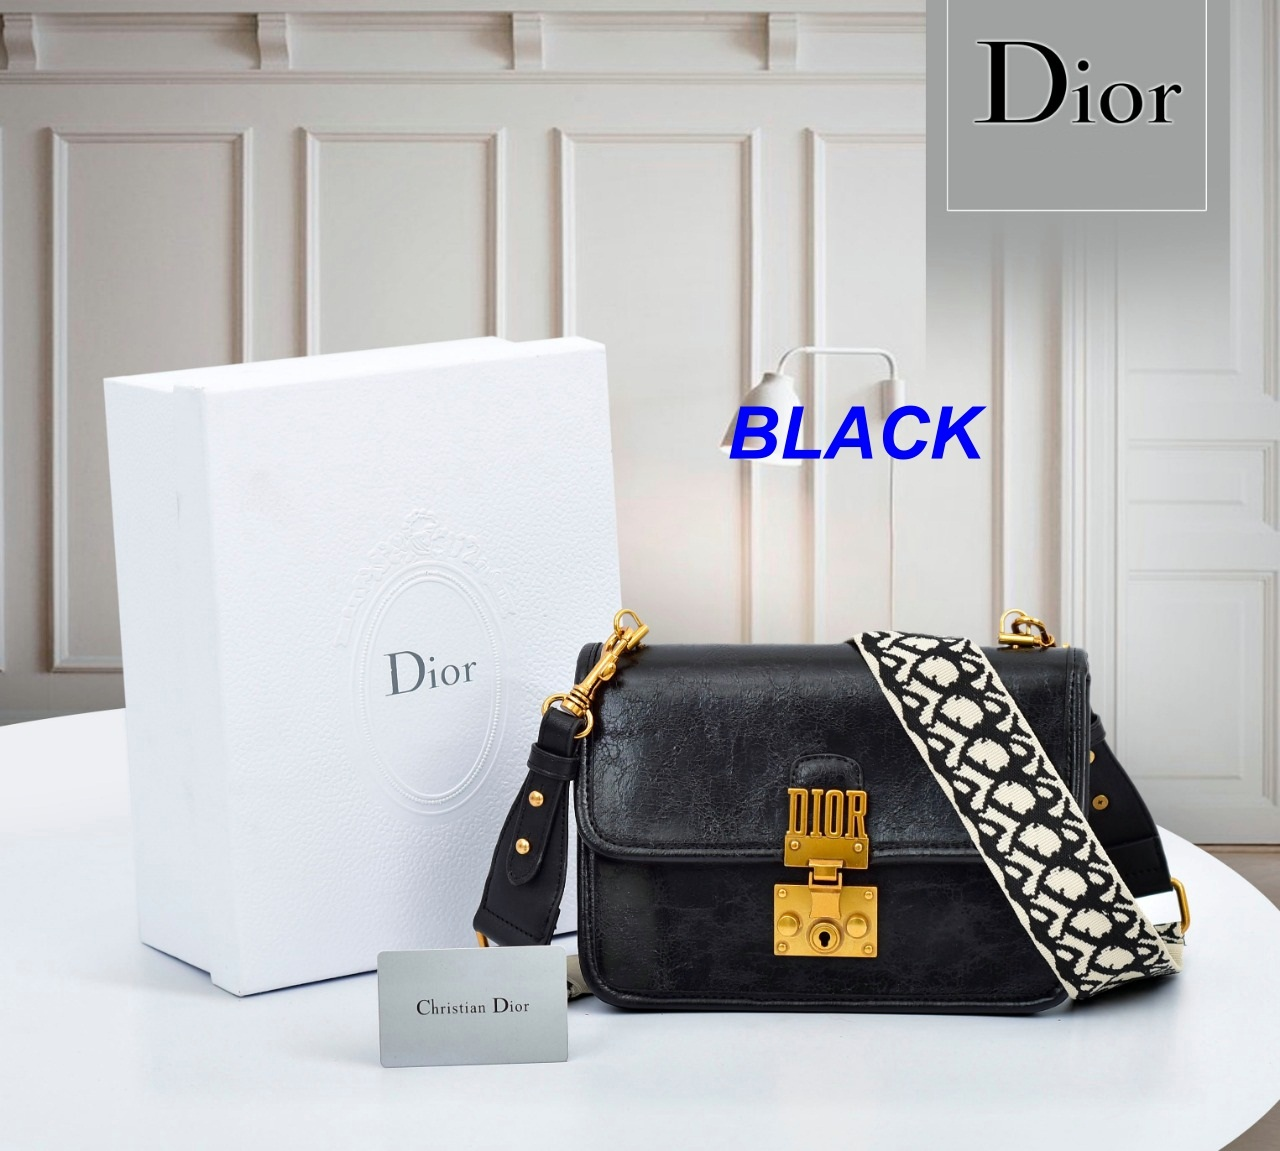 ... Jual Online ecer dan grosir tas wanita   tas branded   tas import   tas  murah   tas online   tas ransel wanita   tas sekolah   tas selempang    dompet ... 3453634931